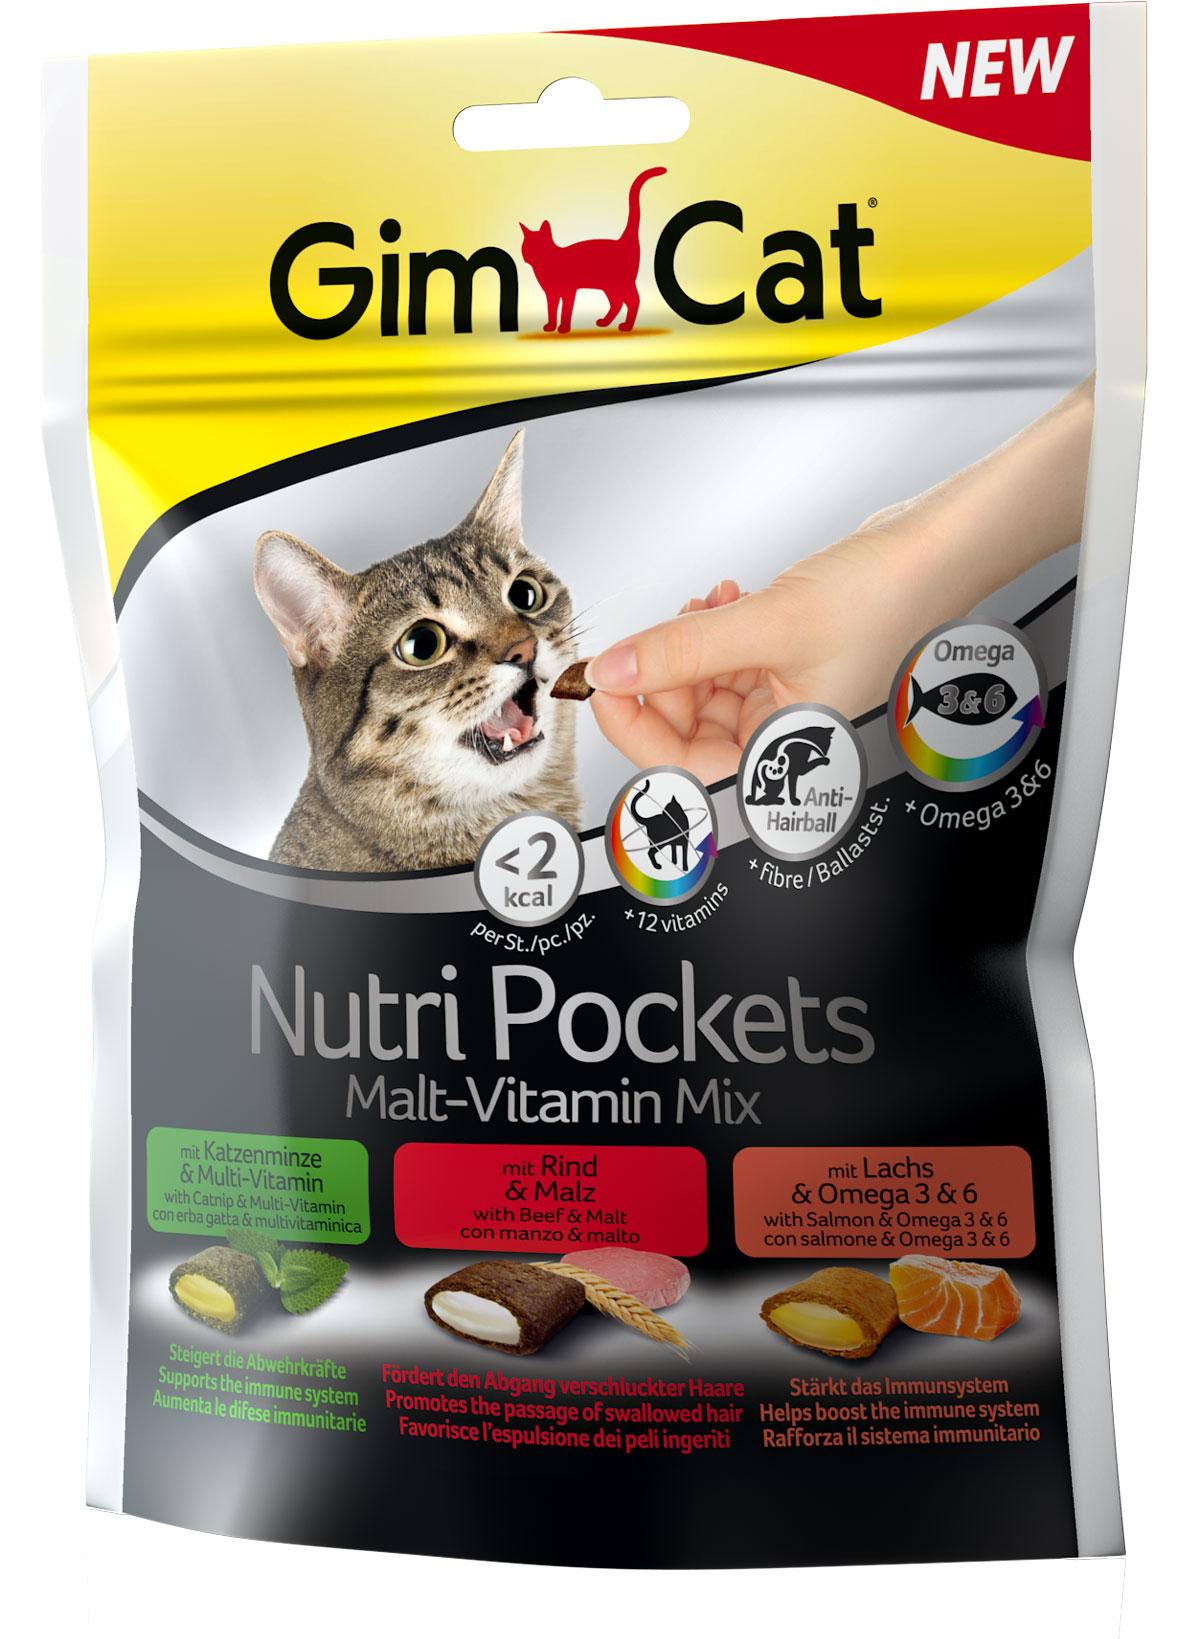 Лакомство для взрослых кошек Gimcat NutriPockets, подушечки, 150 г400693NutriPockets от GimCat — хрустящие подушечки с вкусной и полезной начинкой. Подушечки с пастой Бьюти содержат биотин и цинк, которые делают шерсть более блестящей и здоровой, ускоряют процесс линьки, помогают сделать кожу более эластичной, а когти — более крепкими. C кошачьей мятой и мультивитаминной пастой - содержит 12 жизненно важных витаминов для укрепления естественных защитных сил организма.NutriPockets от GimCat являются дополнительным кормом для кошек.